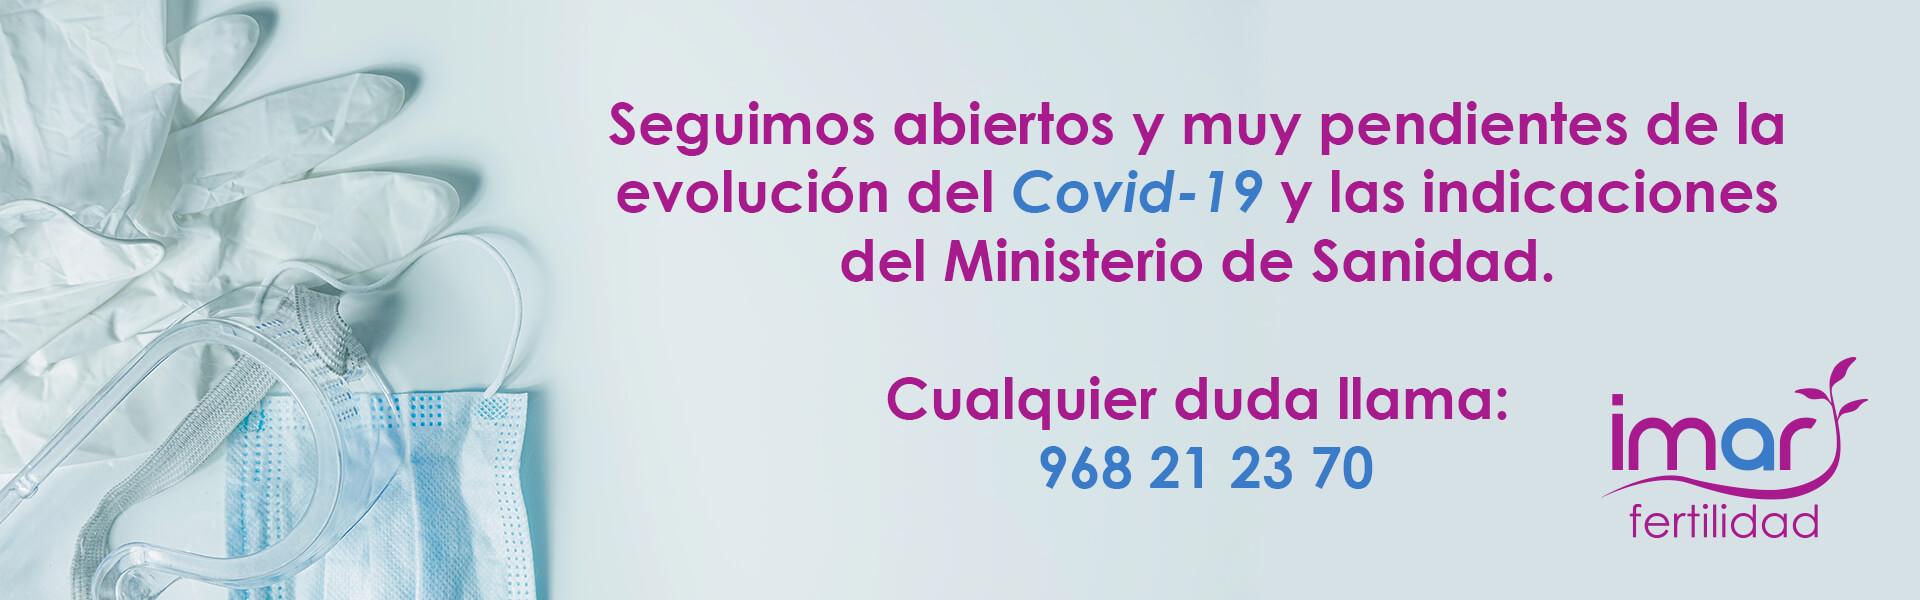 covid-19-clinica-imar